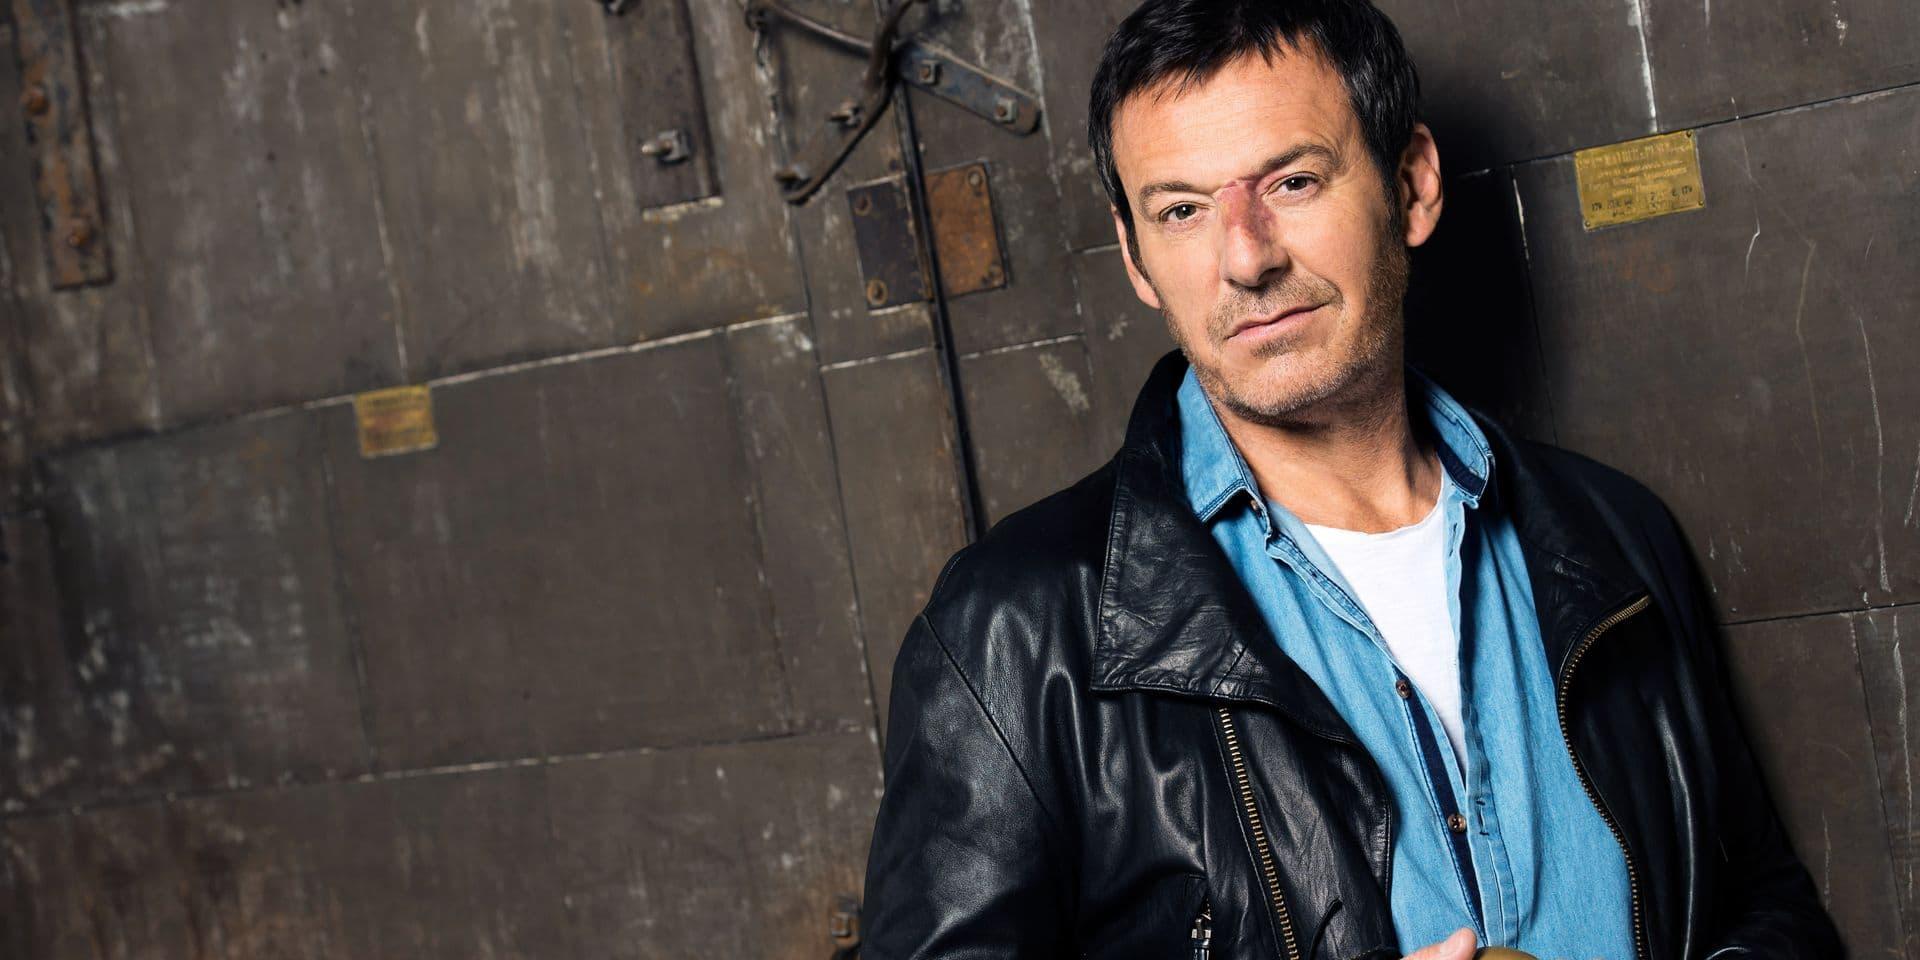 Leo Mattei, avec Jean-Luc Reichmann : un tournage qui a failli virer à la catastrophe !